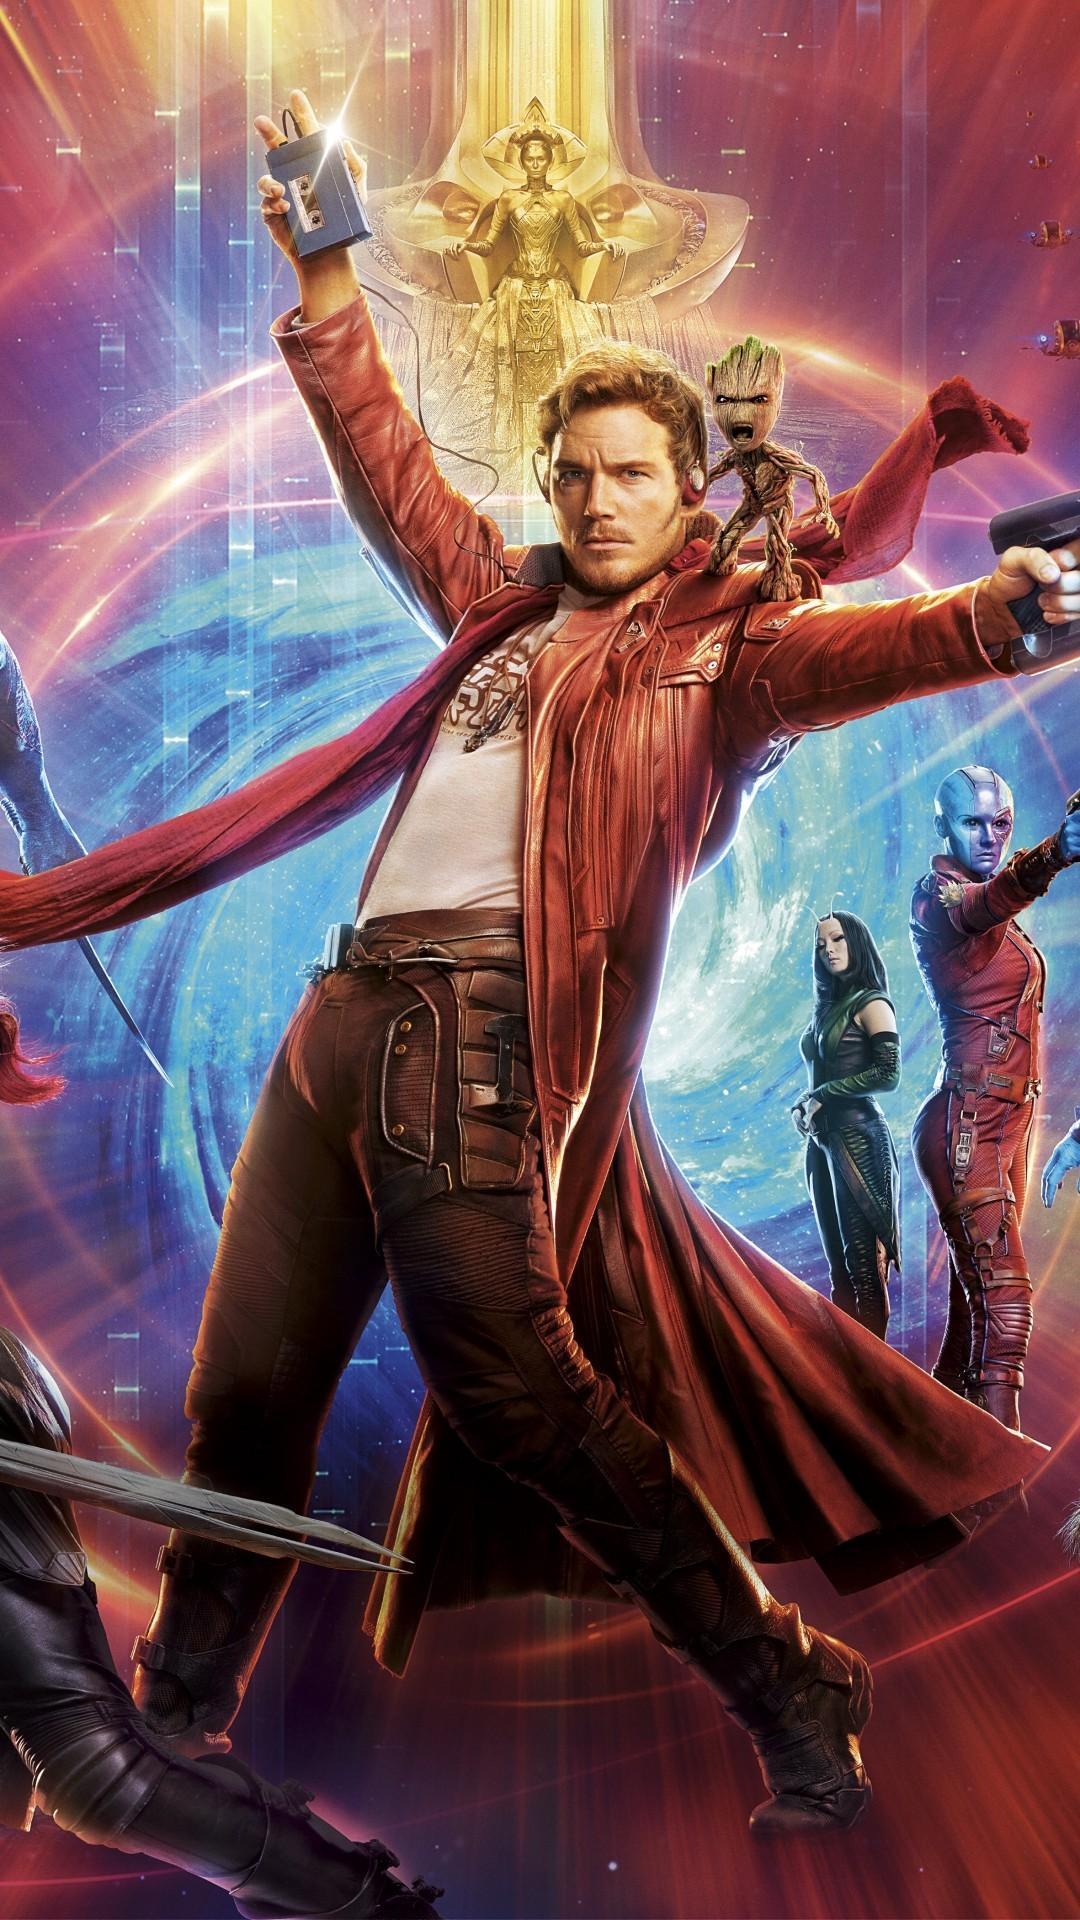 Guardians Of The Galaxy 2 Chris Pratt Zoe Saldana Guardians Of